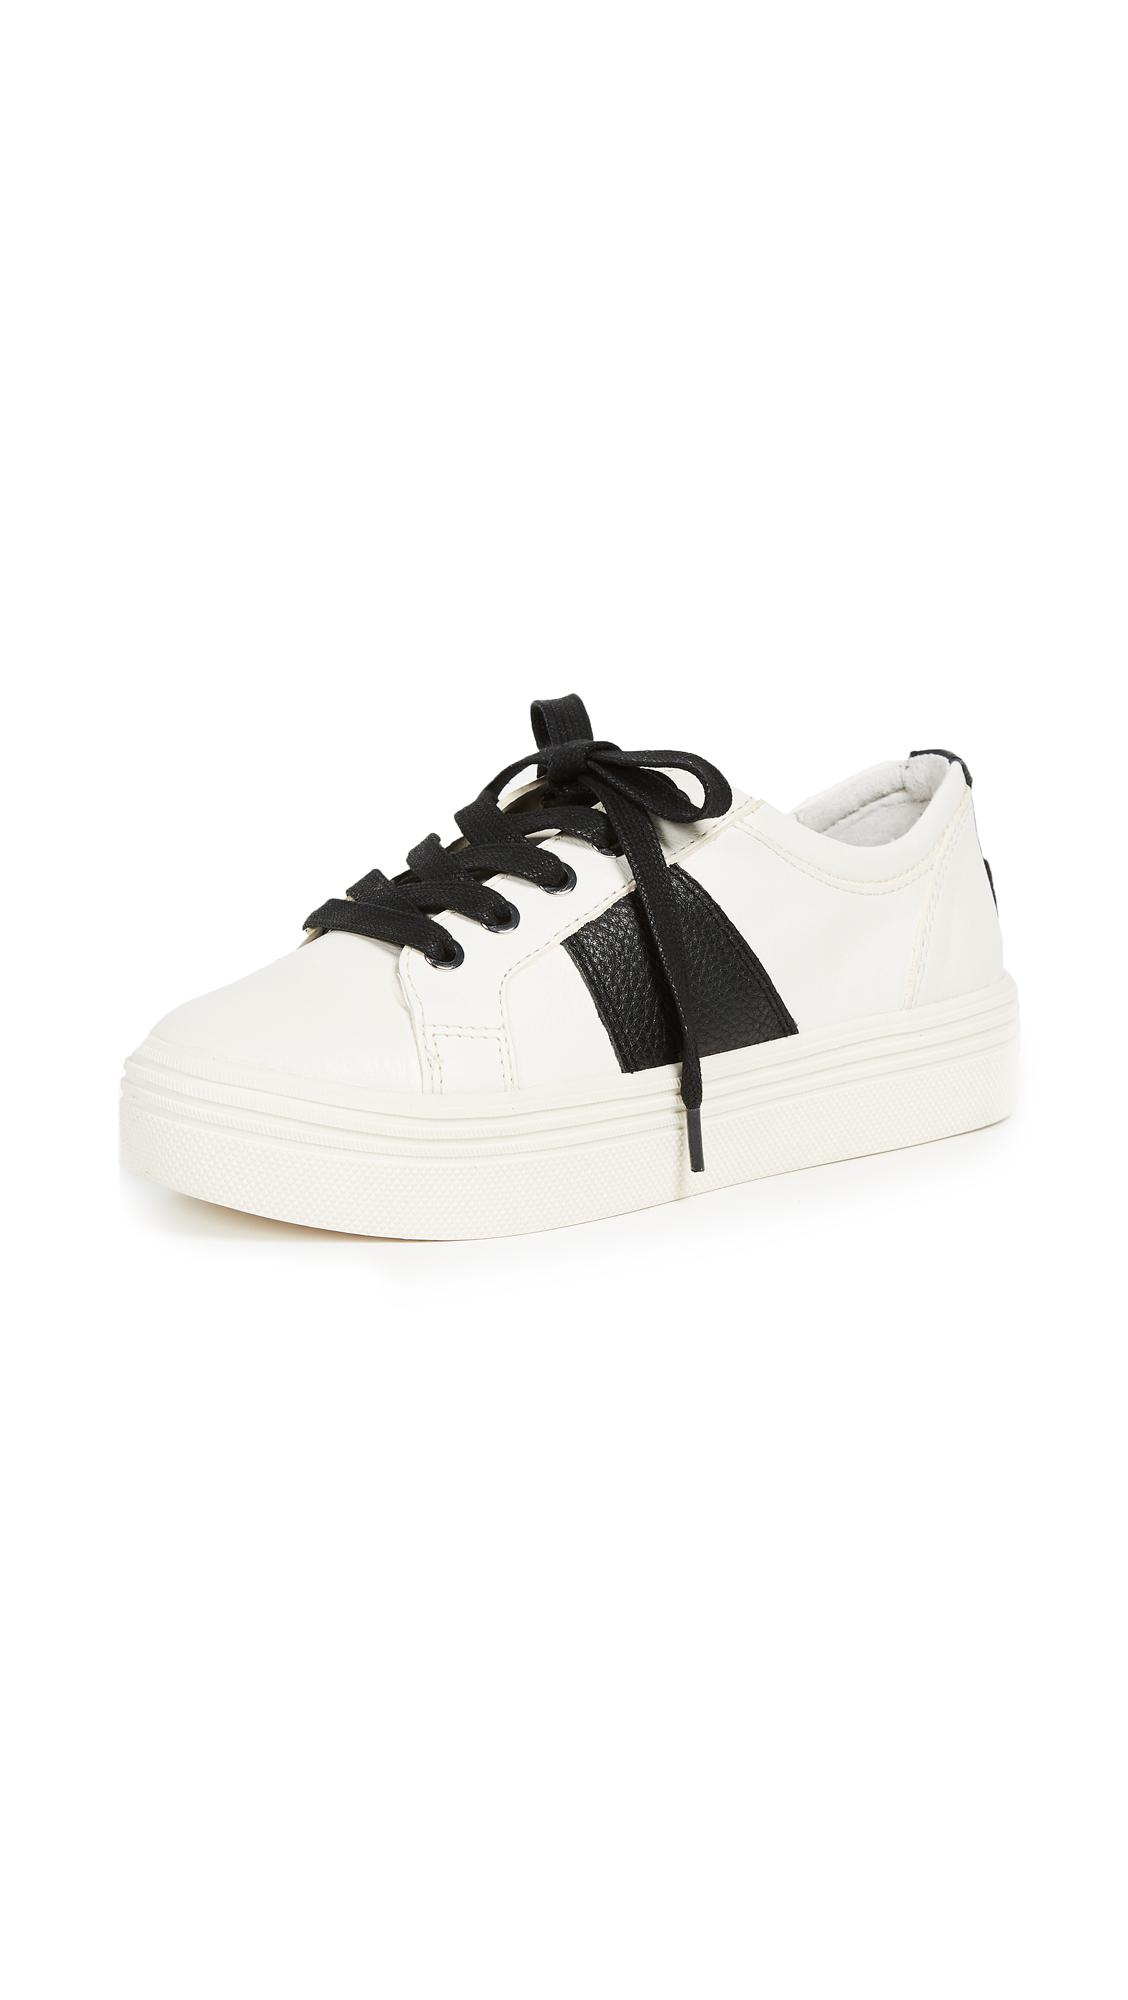 Dolce Vita Tavina Sneakers - White